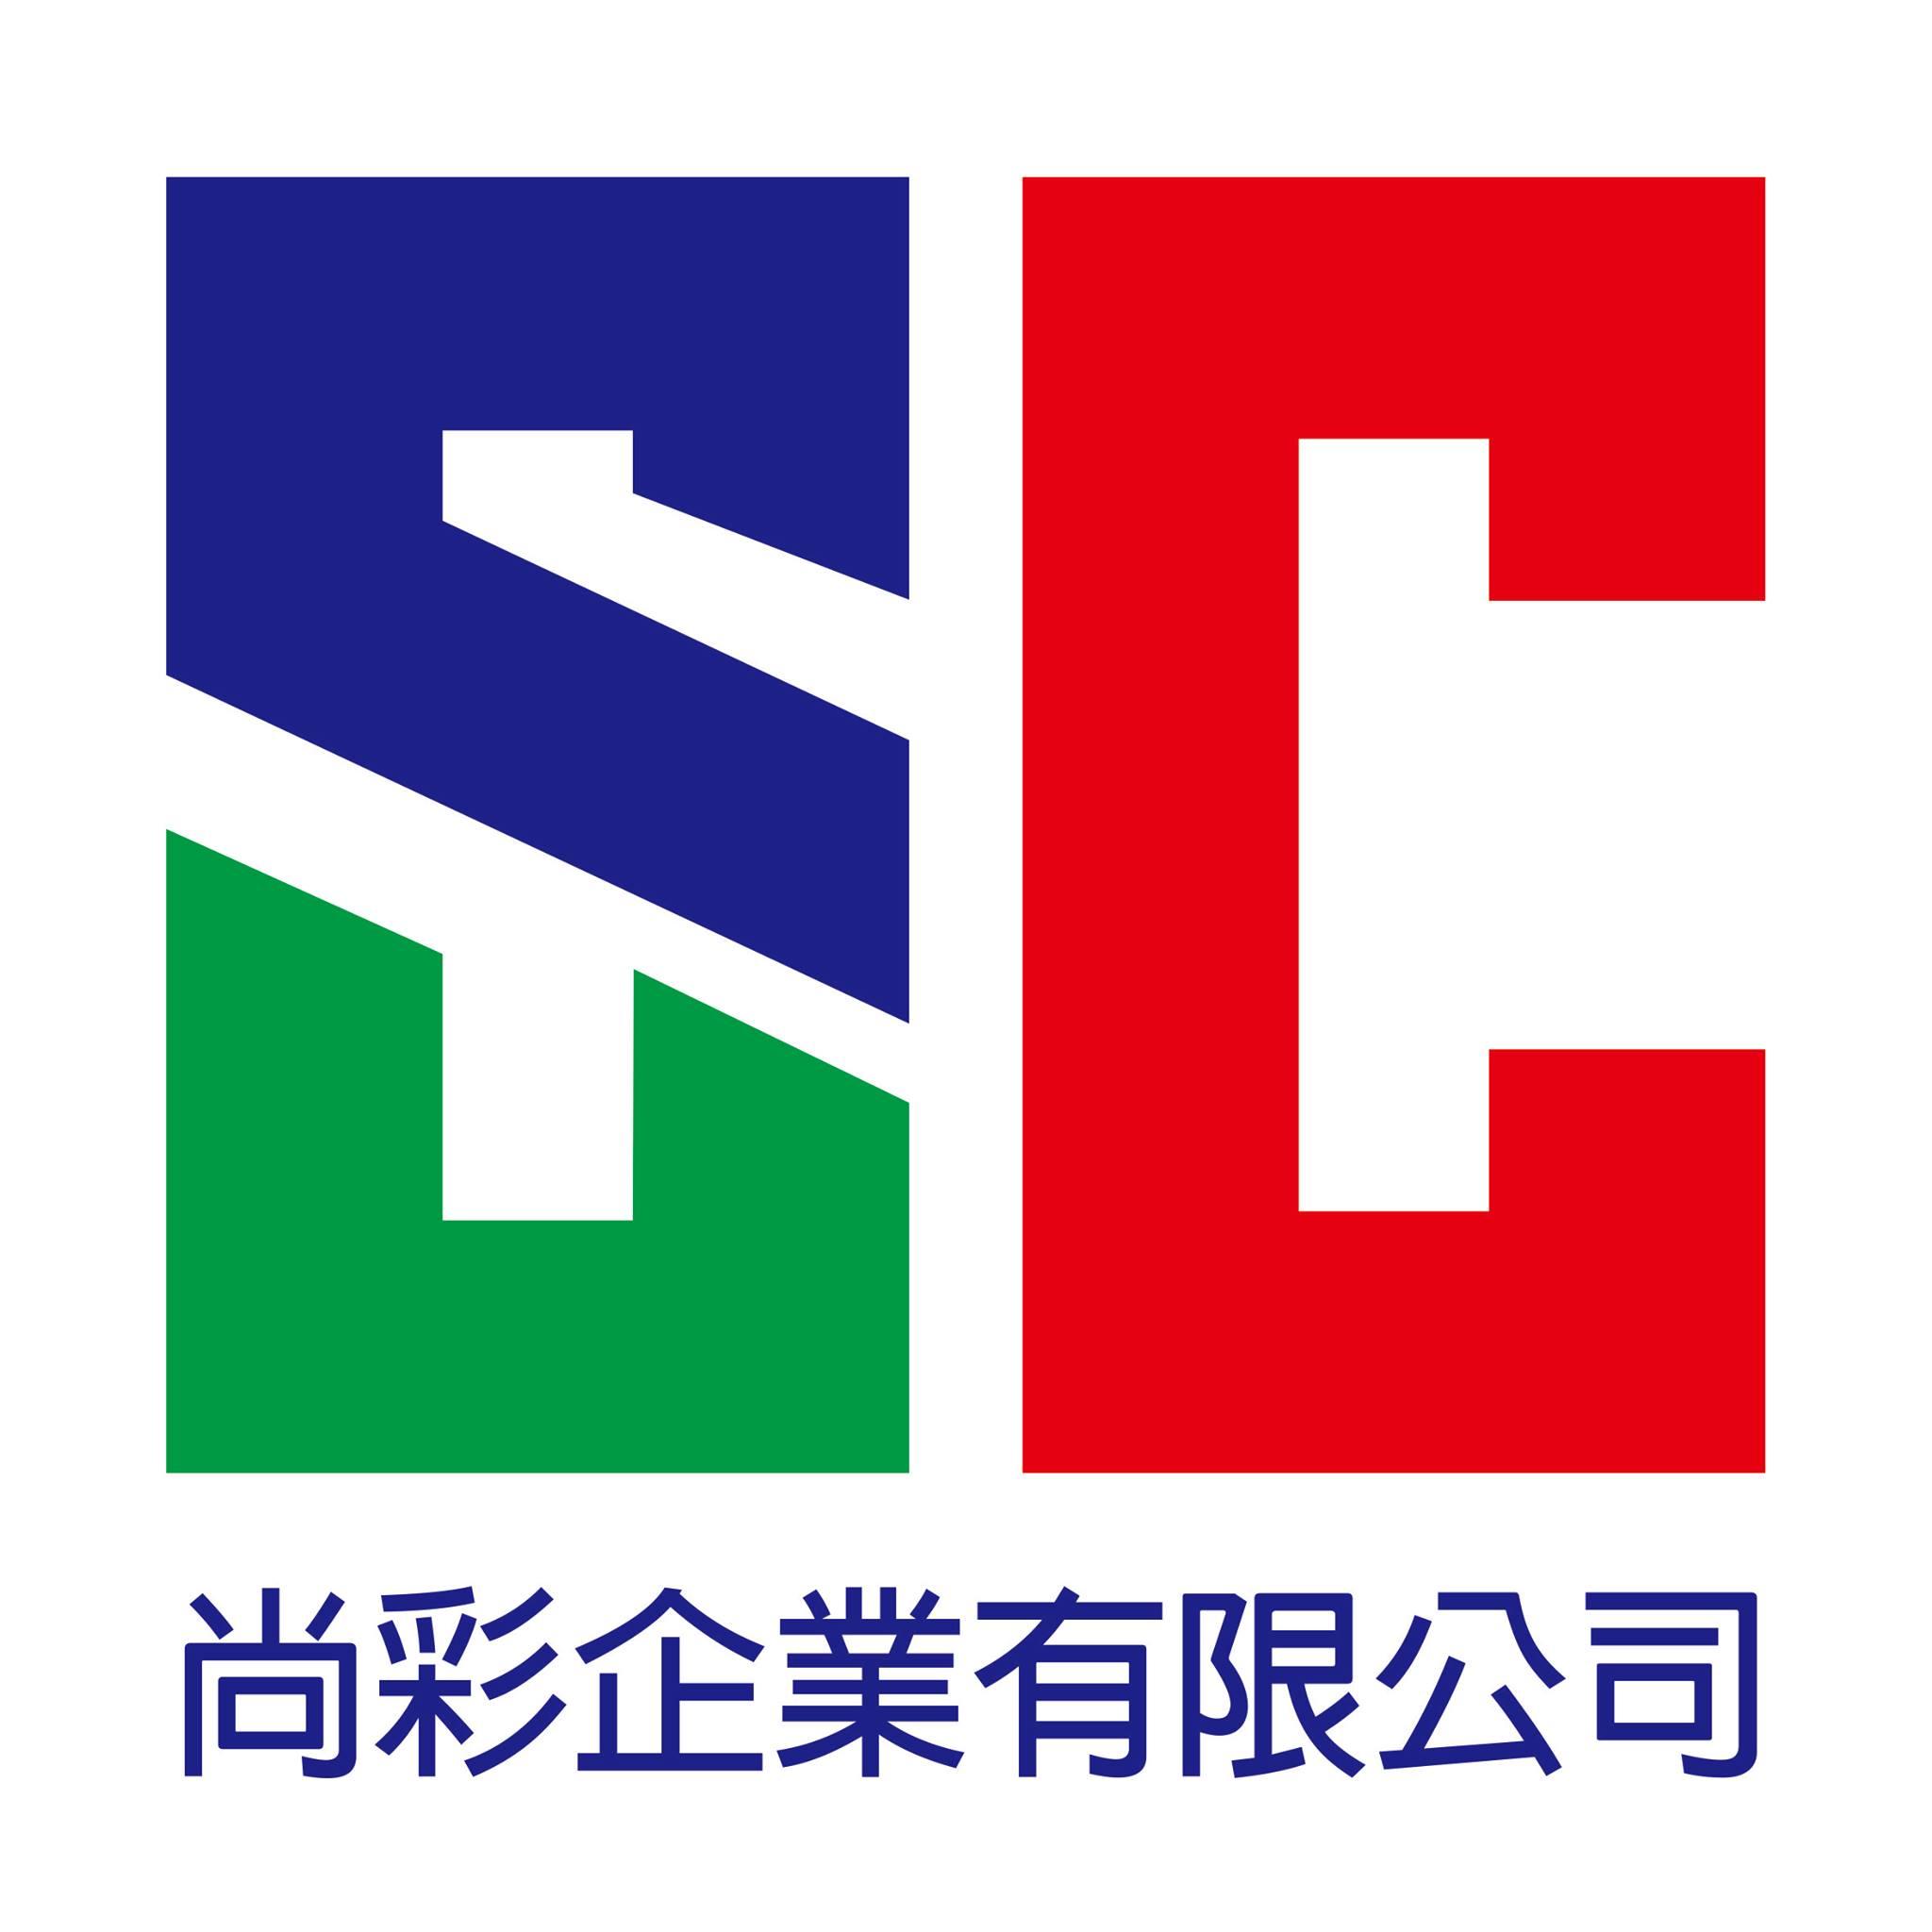 尚彩企業有限公司